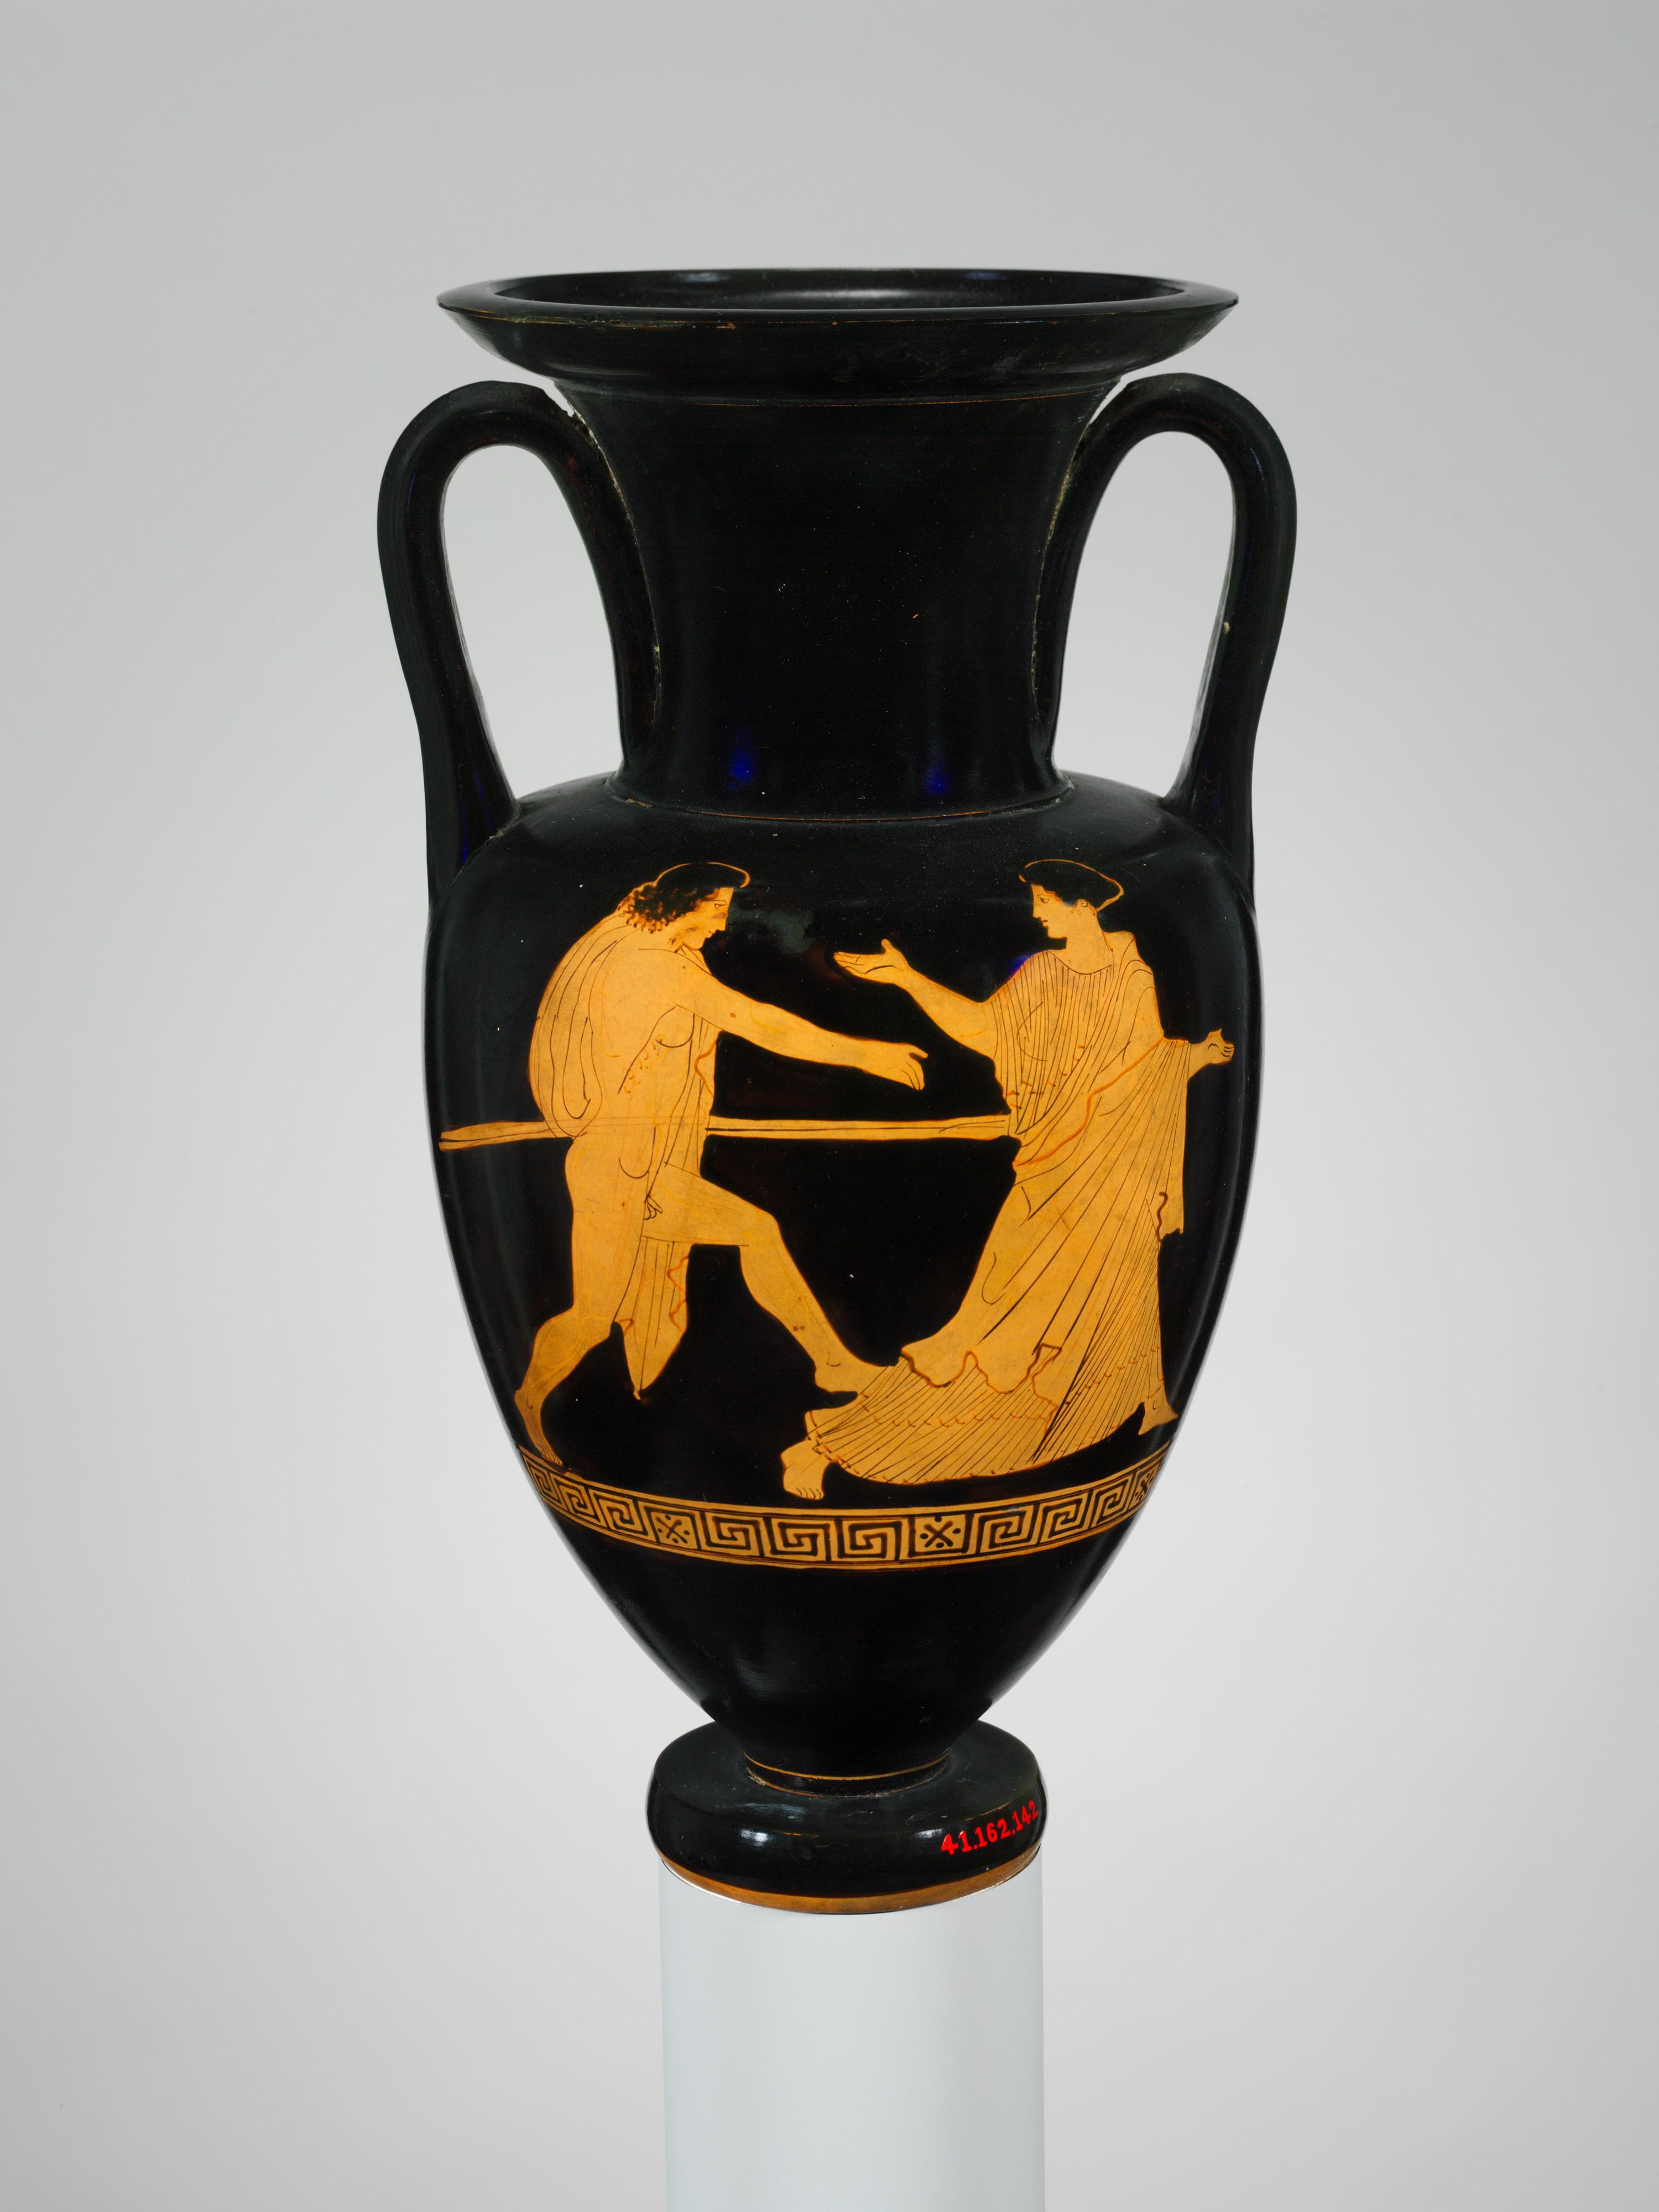 Сцена на аверсе ноланской амфоры: юноша с копьем, преследующий женщину (предположительно Тесей); ок. 440 — 430 гг. до н. э. (Метрополитен-музей, Нью-Йорк)